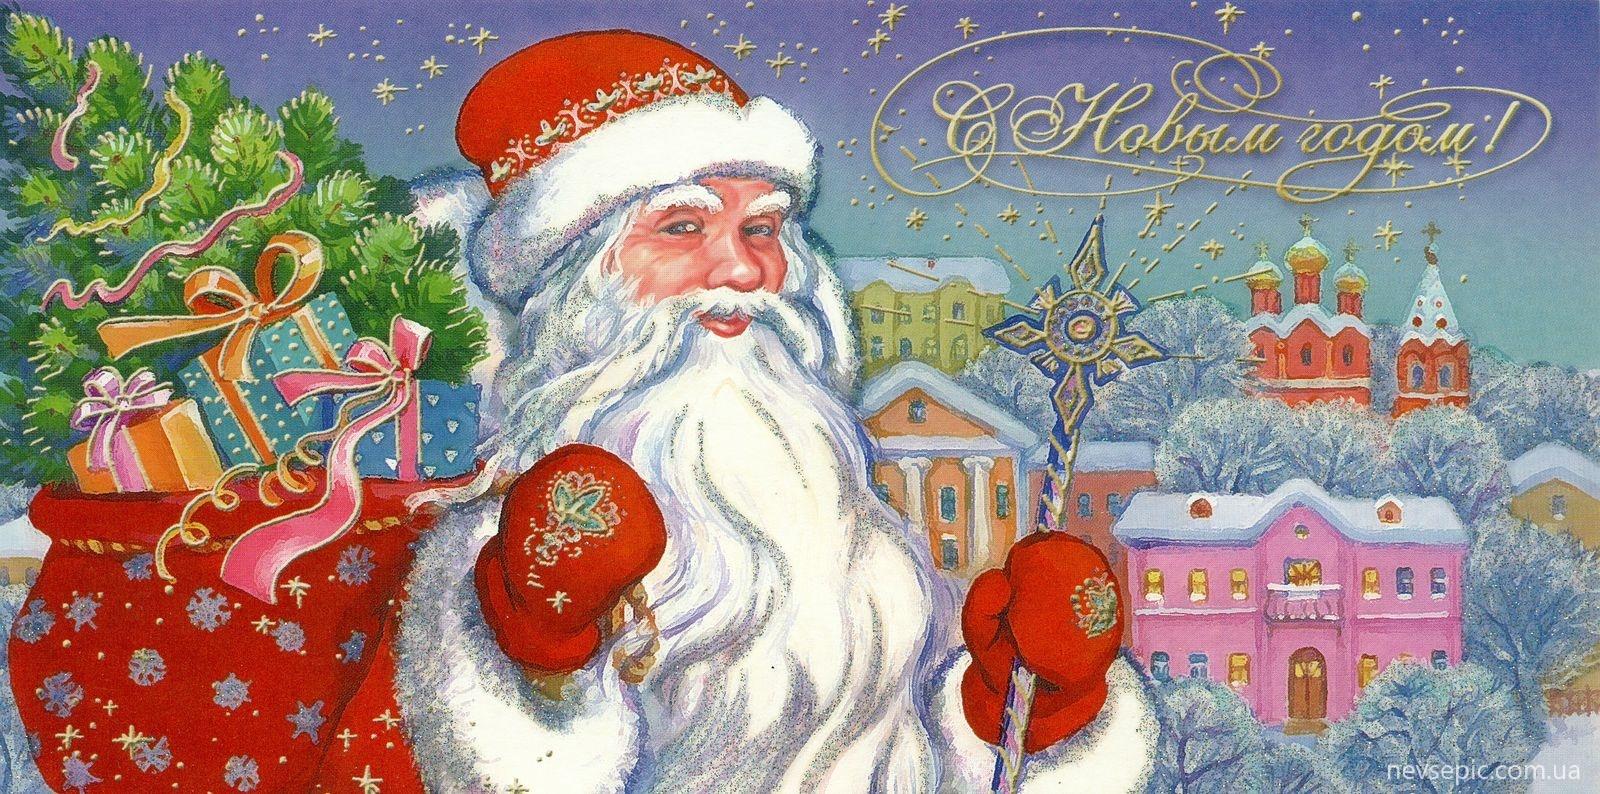 Бурундуками, открытки к новому на русском